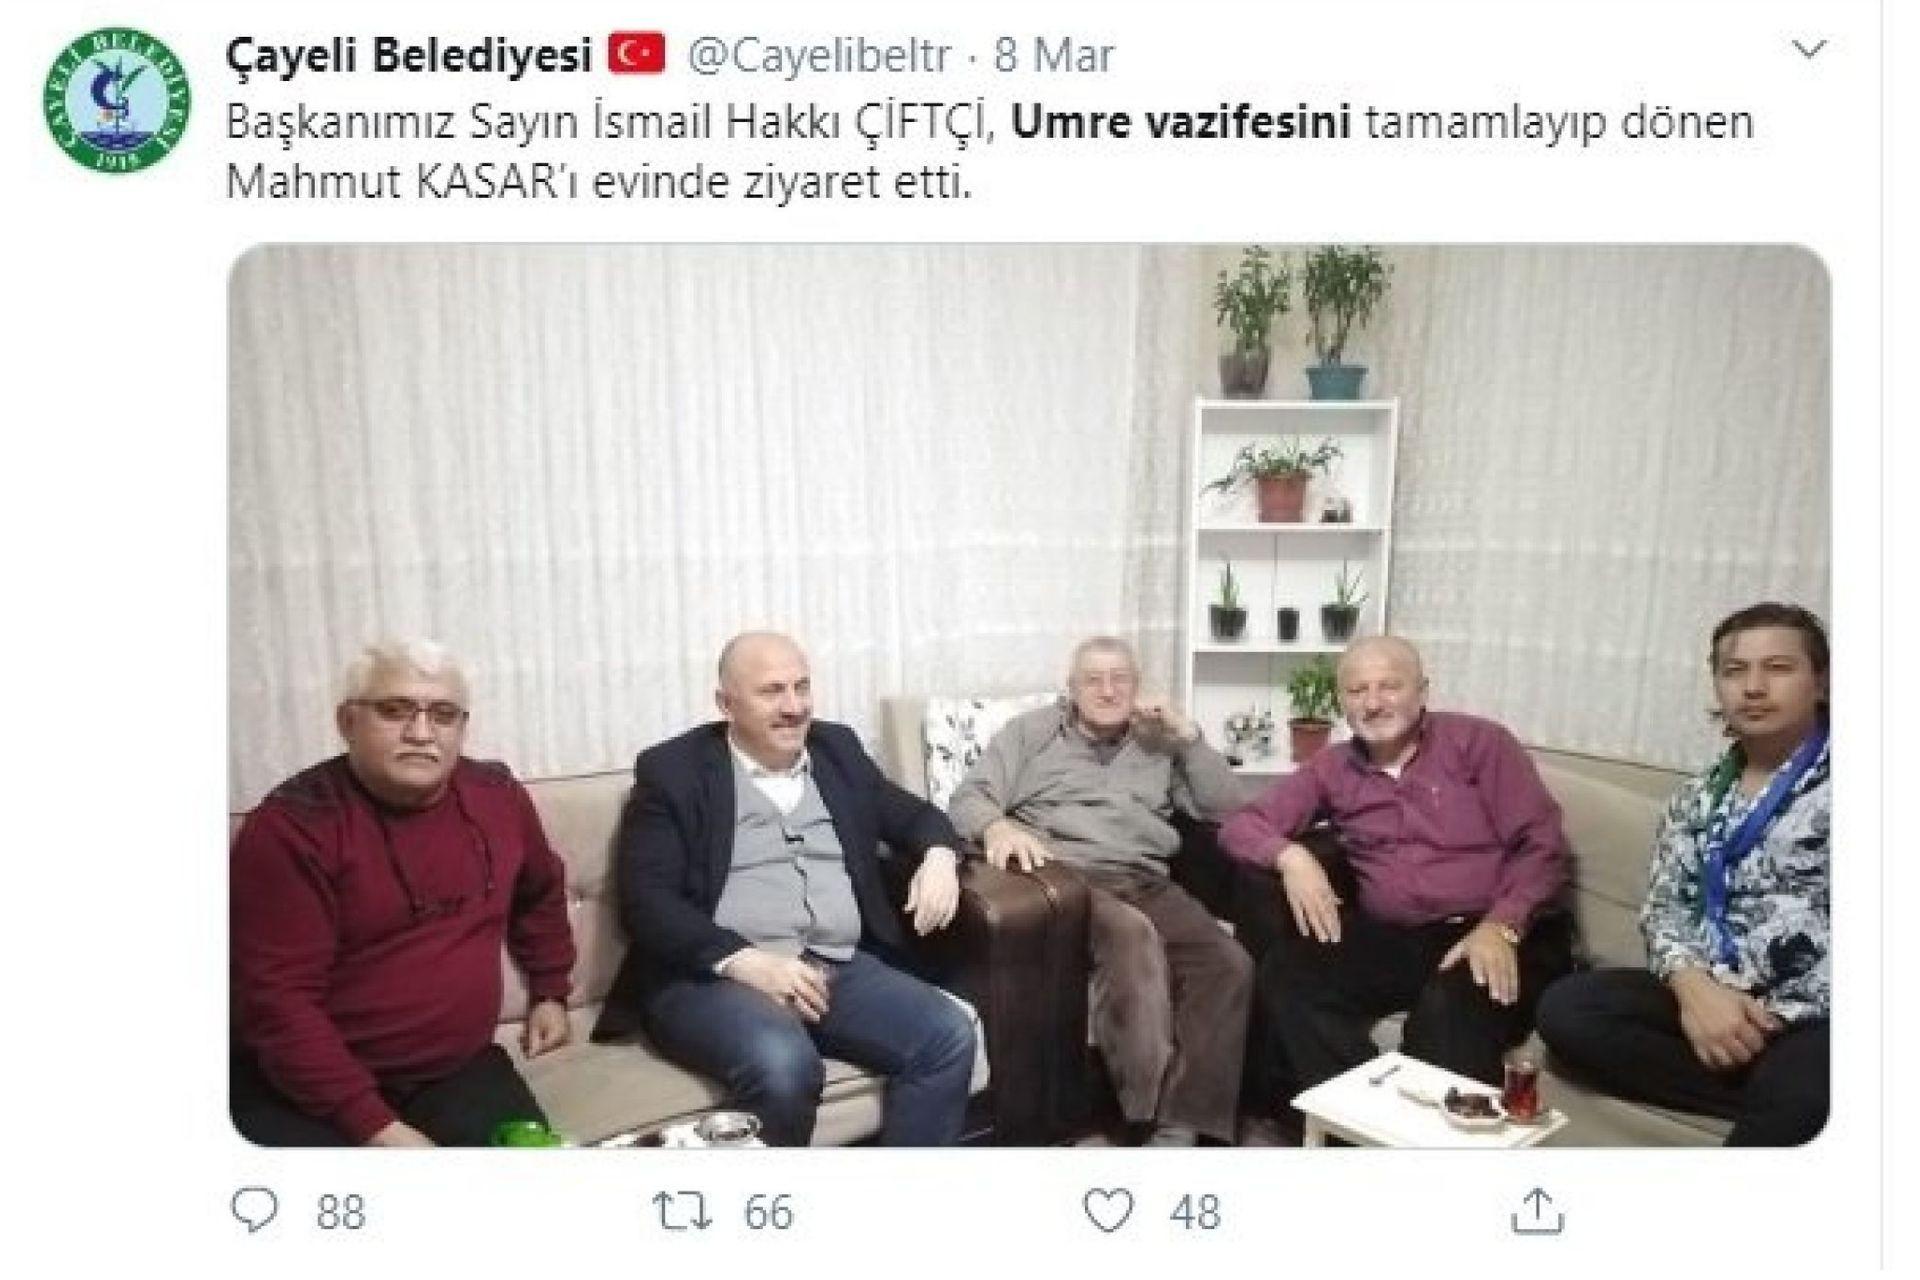 Çayeli Belediyesinin resmi Twitter hesabından paylaşmış olduğu ziyaret fotoğrafı